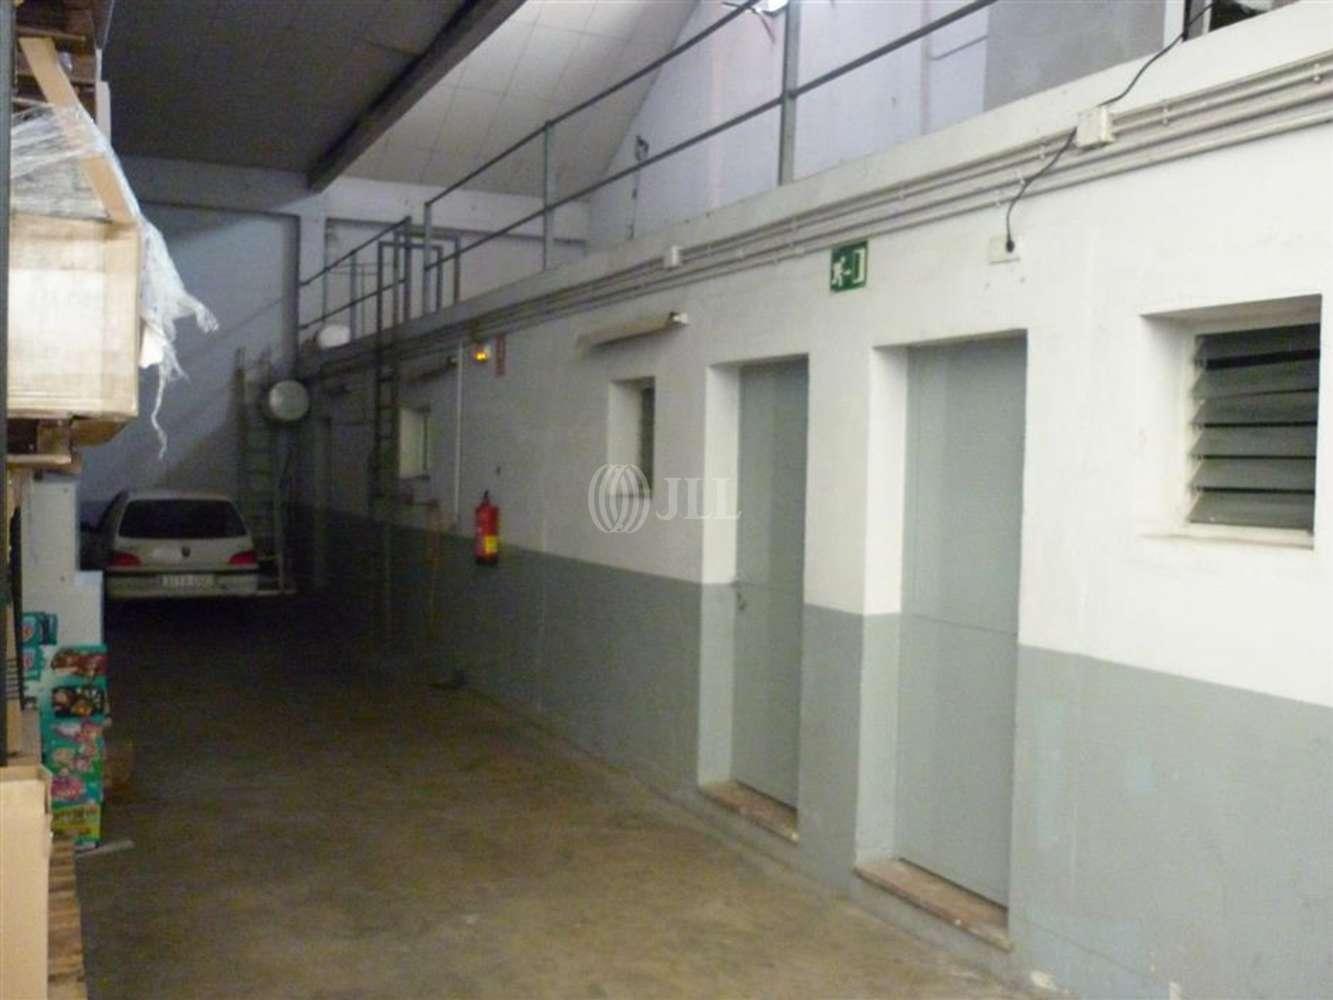 Naves industriales y logísticas Barcelona, 08018 - Nave Industrial - B0319 - PI BESOS - 12793